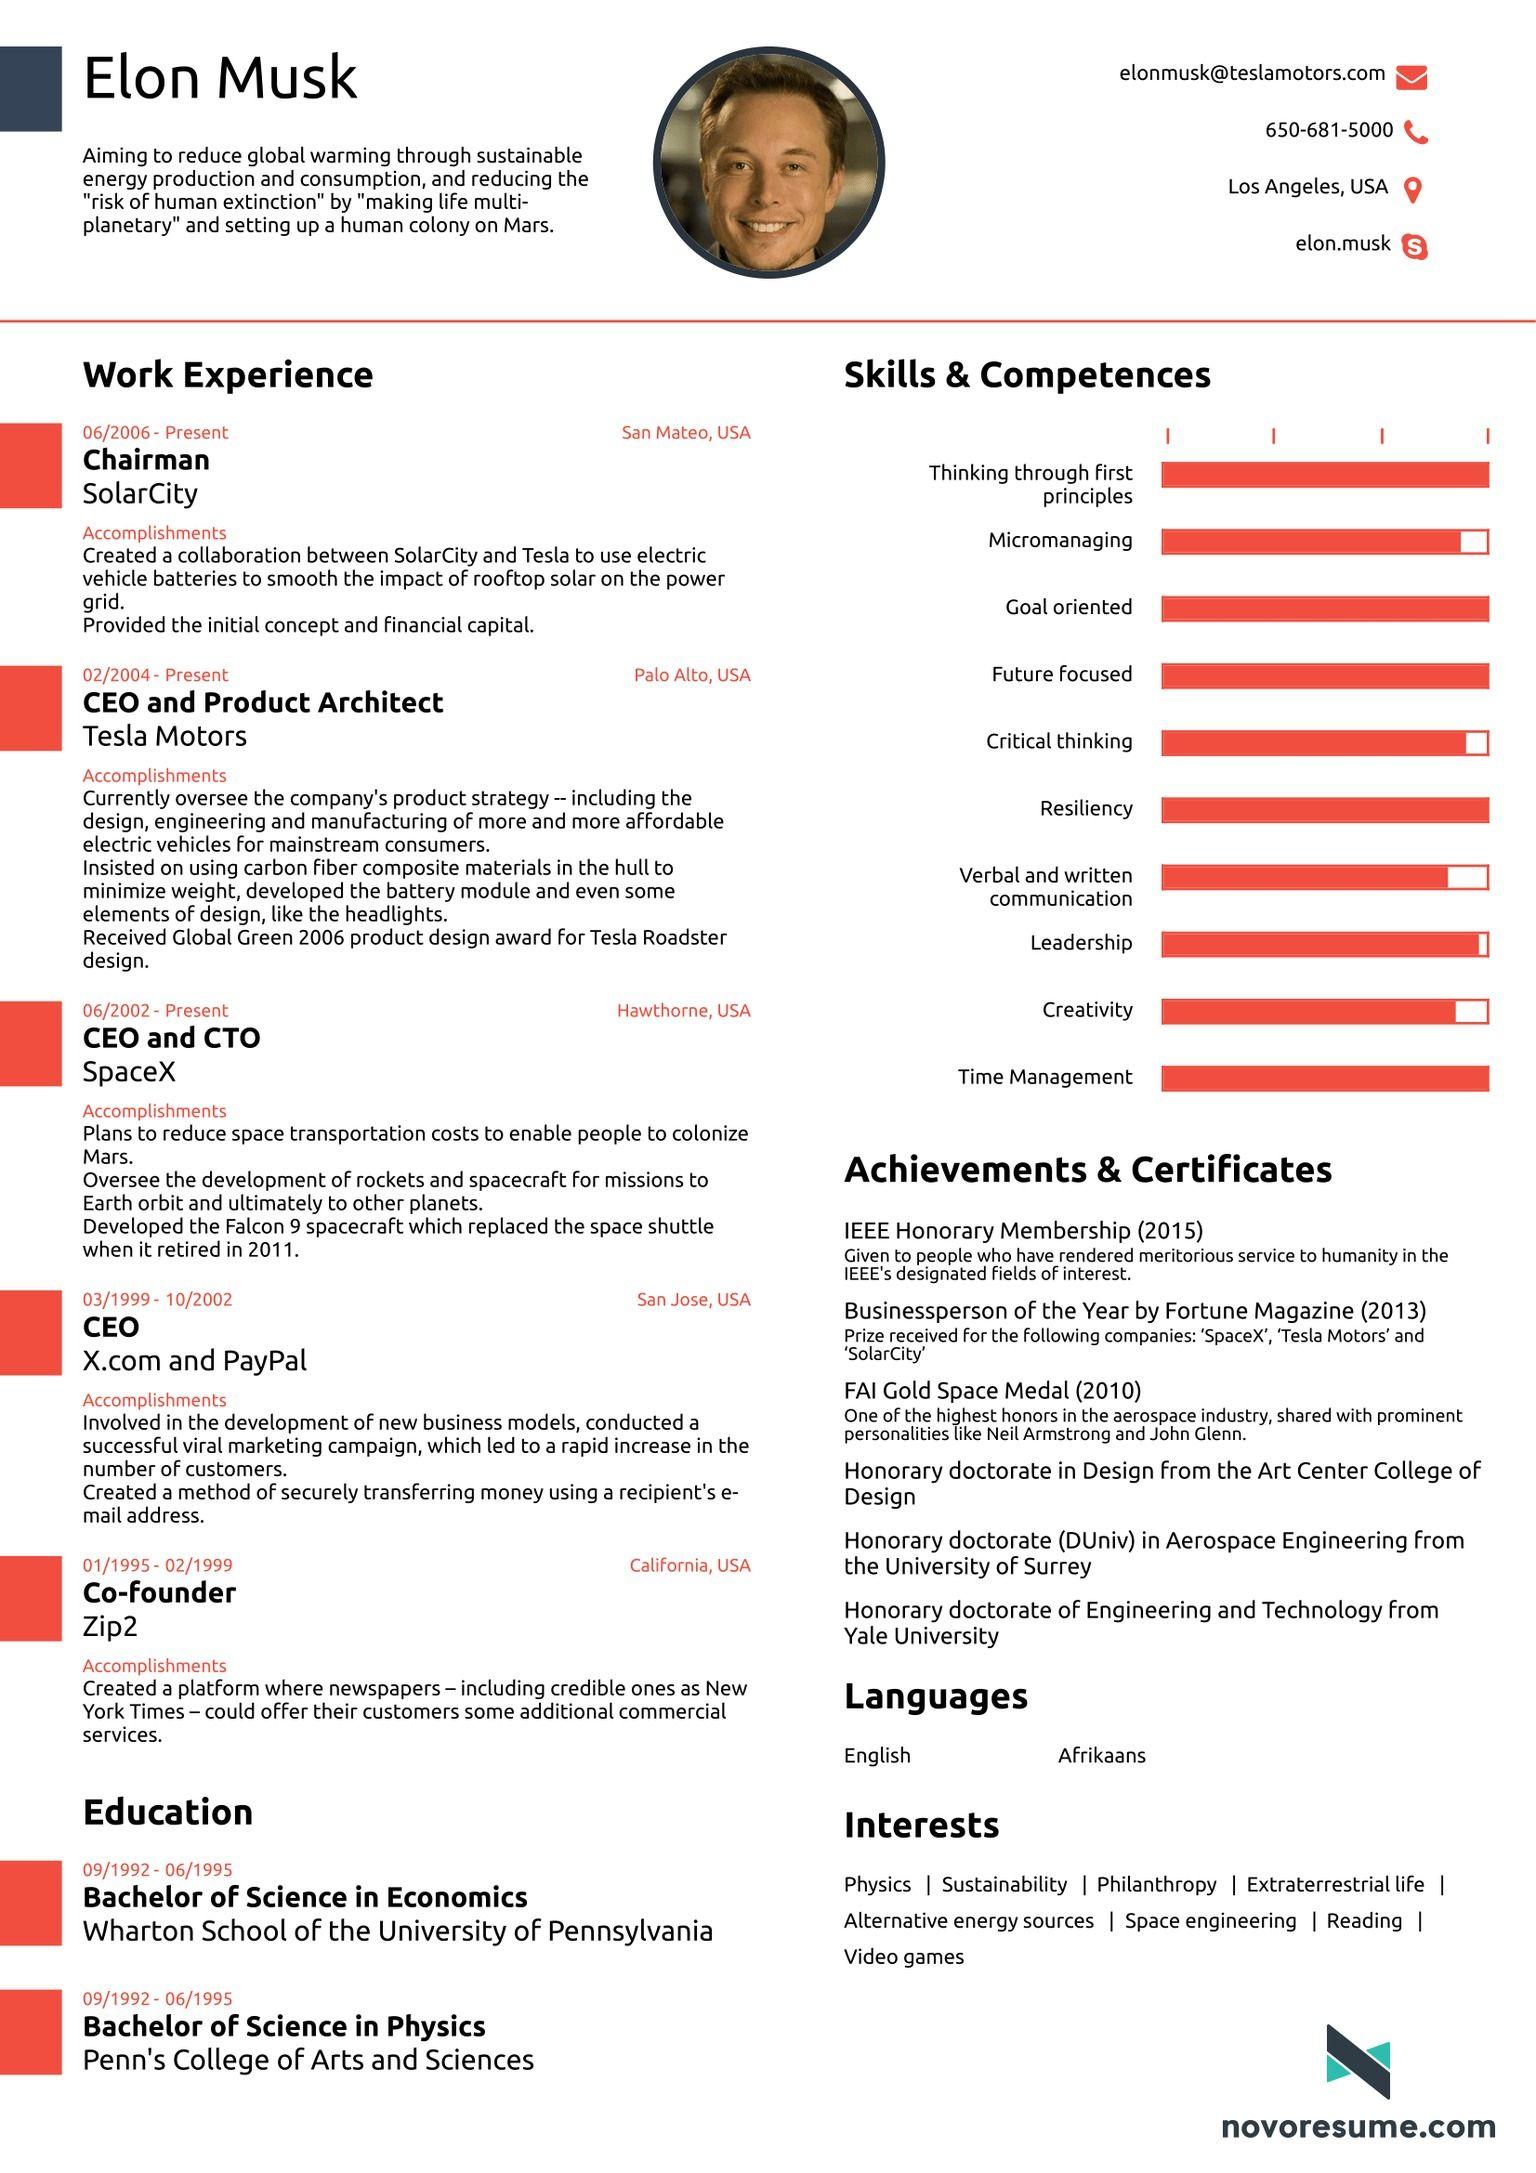 Elon Musk Résumé | IRON MAN | Pinterest | Elon musk